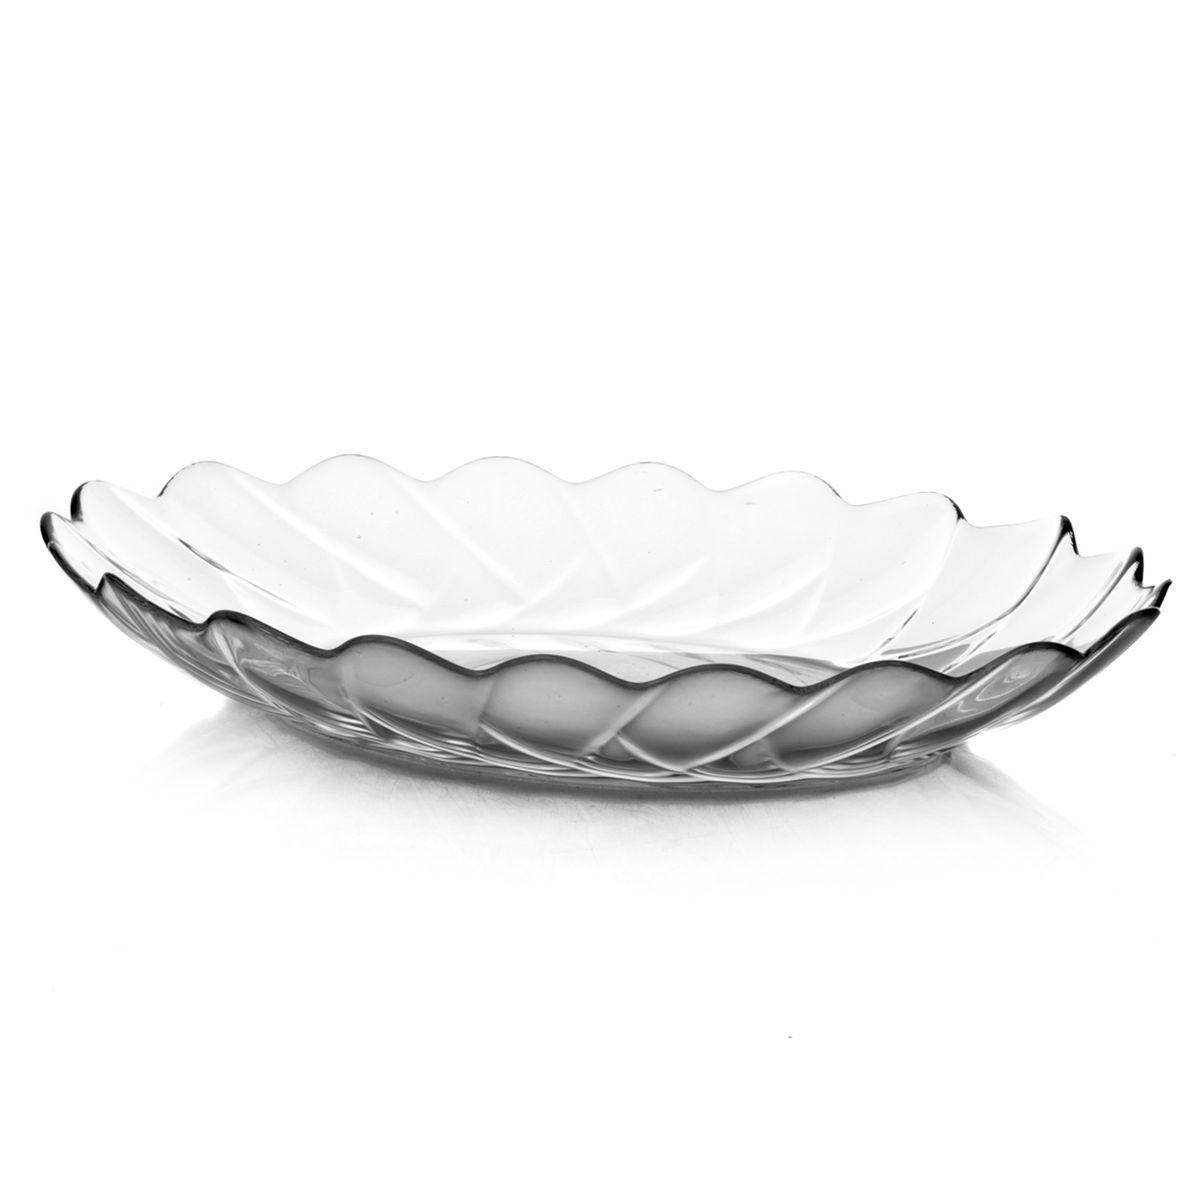 Тарелка Pasabahce Hasir, овальная, цвет: прозрачный, 32 см х 26 см10412Овальная тарелка Pasabahce Hasir изготовлена из прочного натрий-кальций-силикатного стекла. Края изделия волнообразные. Тарелка прекрасно подойдет в качестве сервировочного блюда для фруктов, десертов, закусок, торта и другого. Изящная тарелка прекрасно оформит праздничный стол и порадует вас и ваших гостей изысканным дизайном и формой. Можно мыть в посудомоечной машине. Размер тарелки: 32 см х 26 см х 4 см.